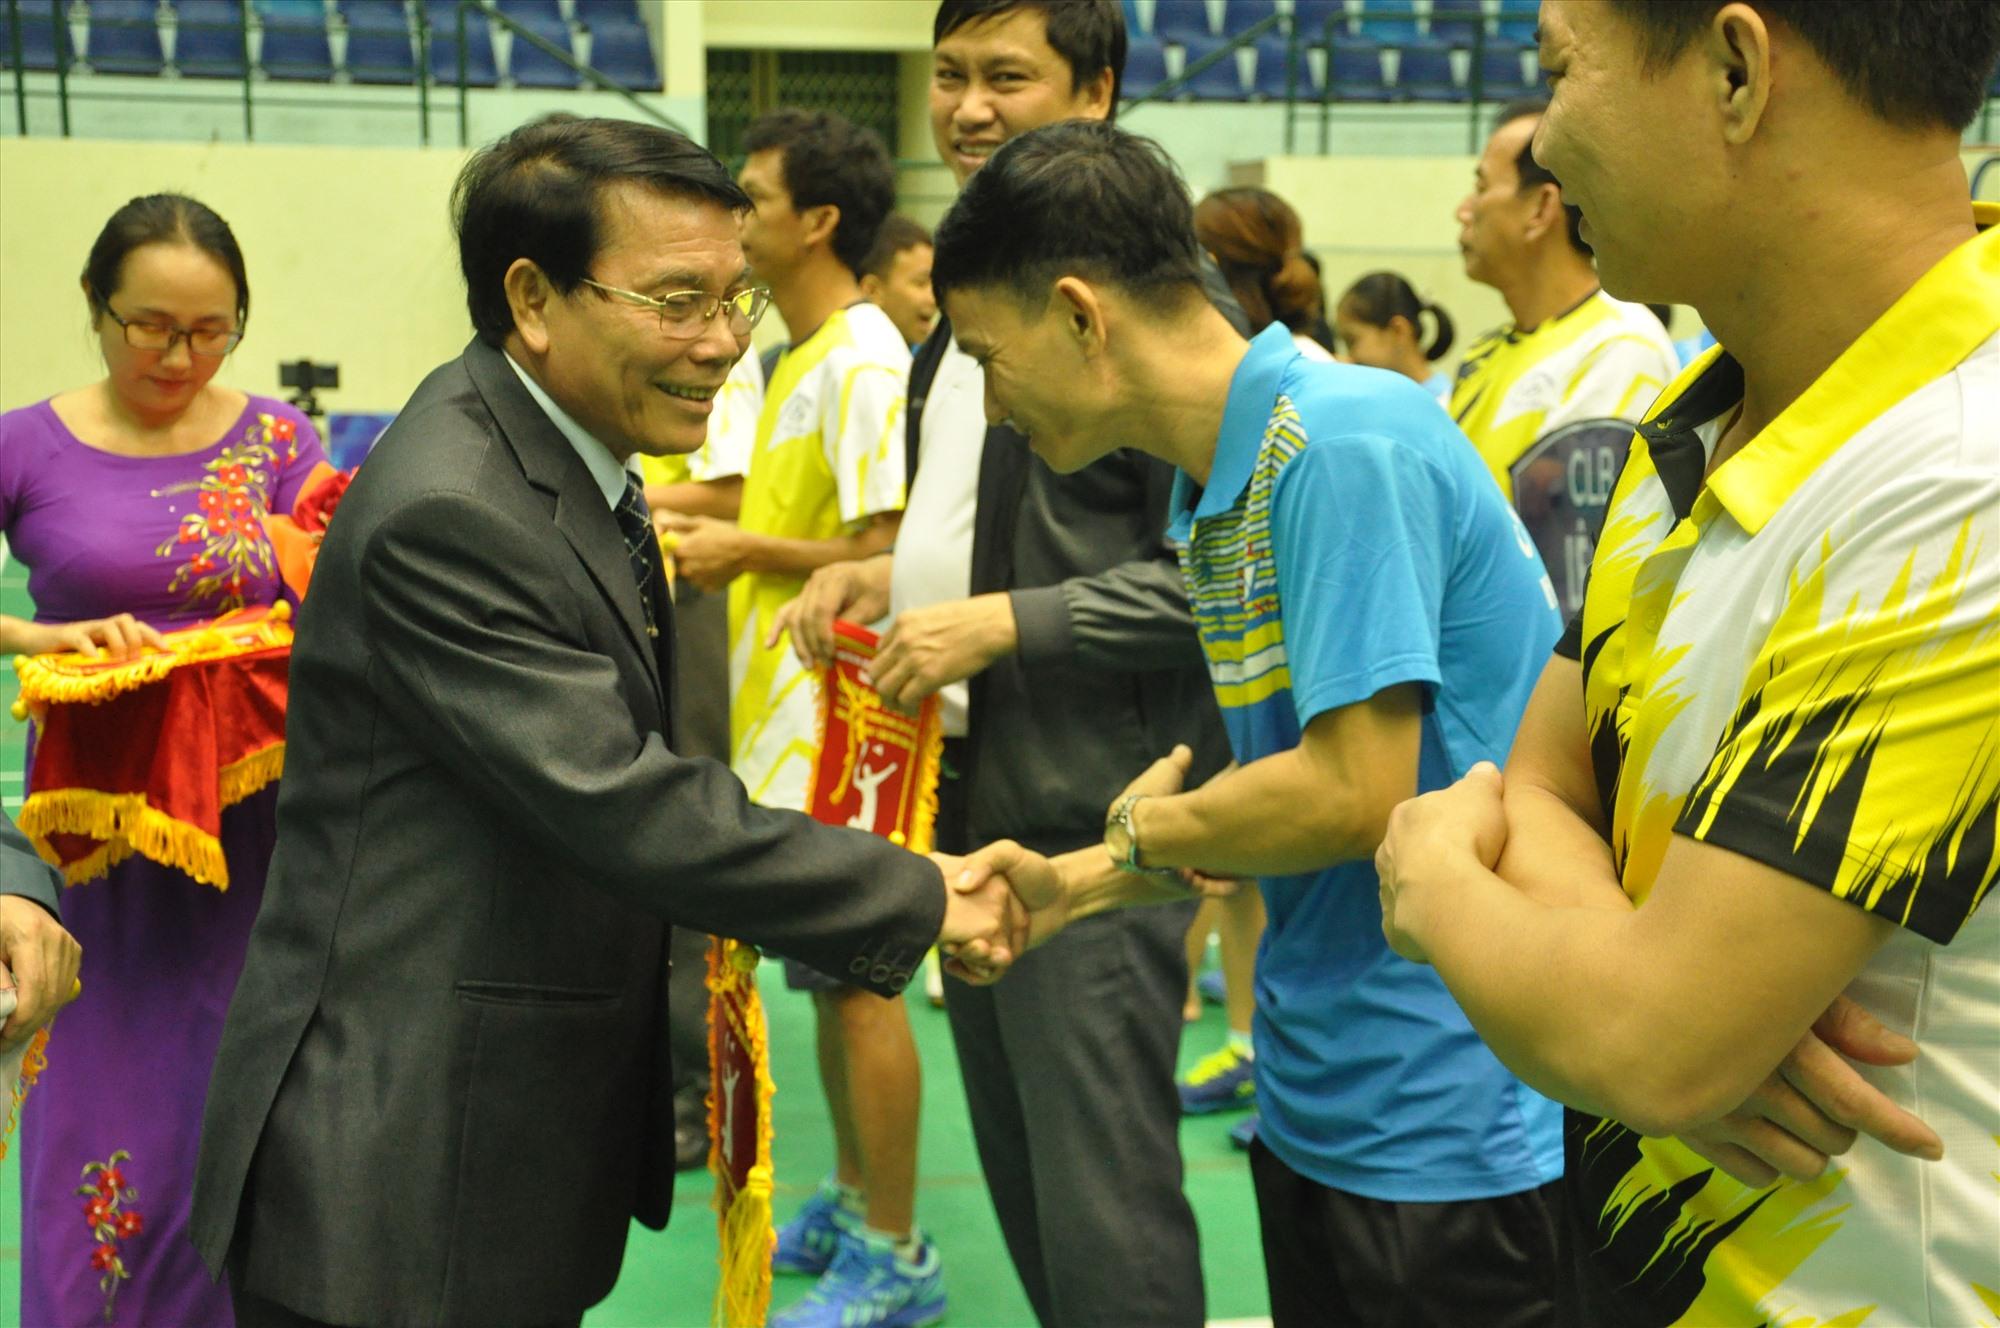 Phó Chủ tịch Liên đoàn Cầu lông Việt Nam Lê Tấn Đạt động viên các tay vợt tại lễ khai mạc. Ảnh: T.V